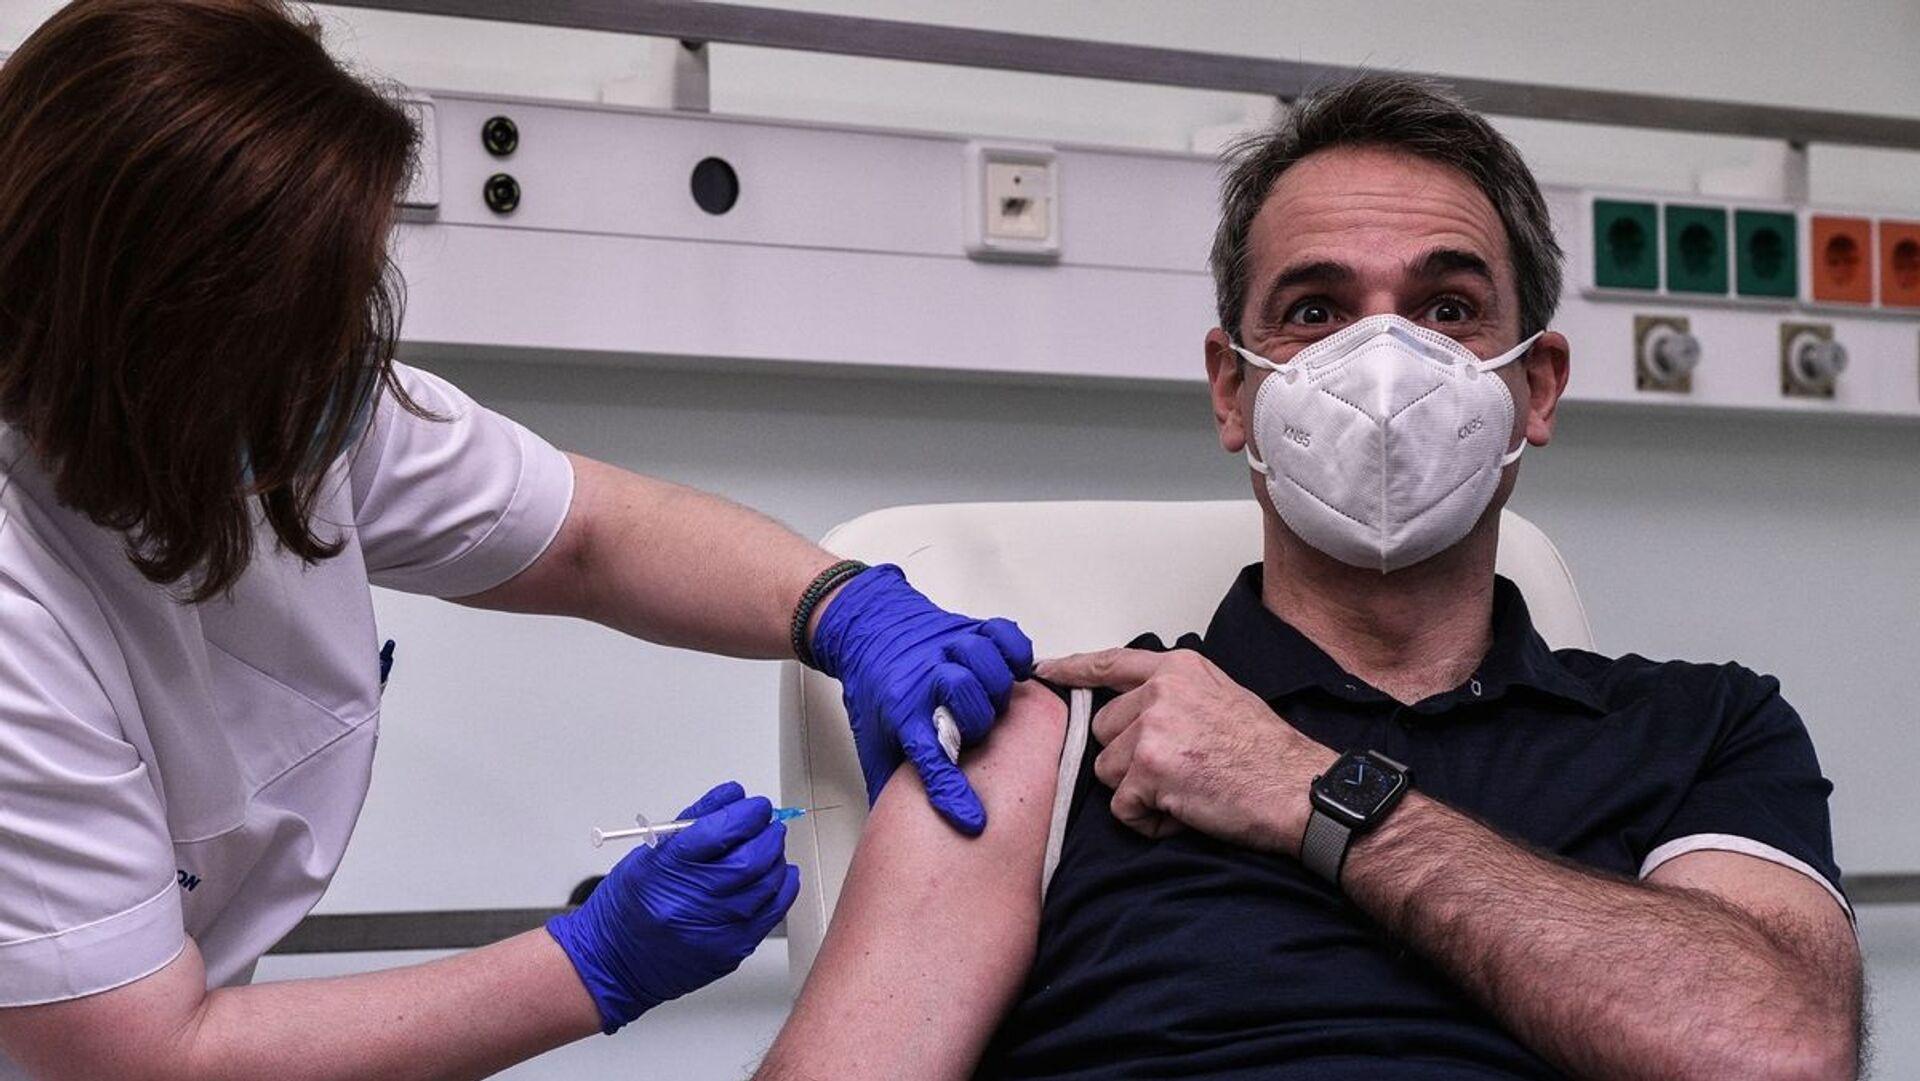 Έκανε το εμβόλιο ο Μητσοτάκης - Sputnik Ελλάδα, 1920, 11.10.2021